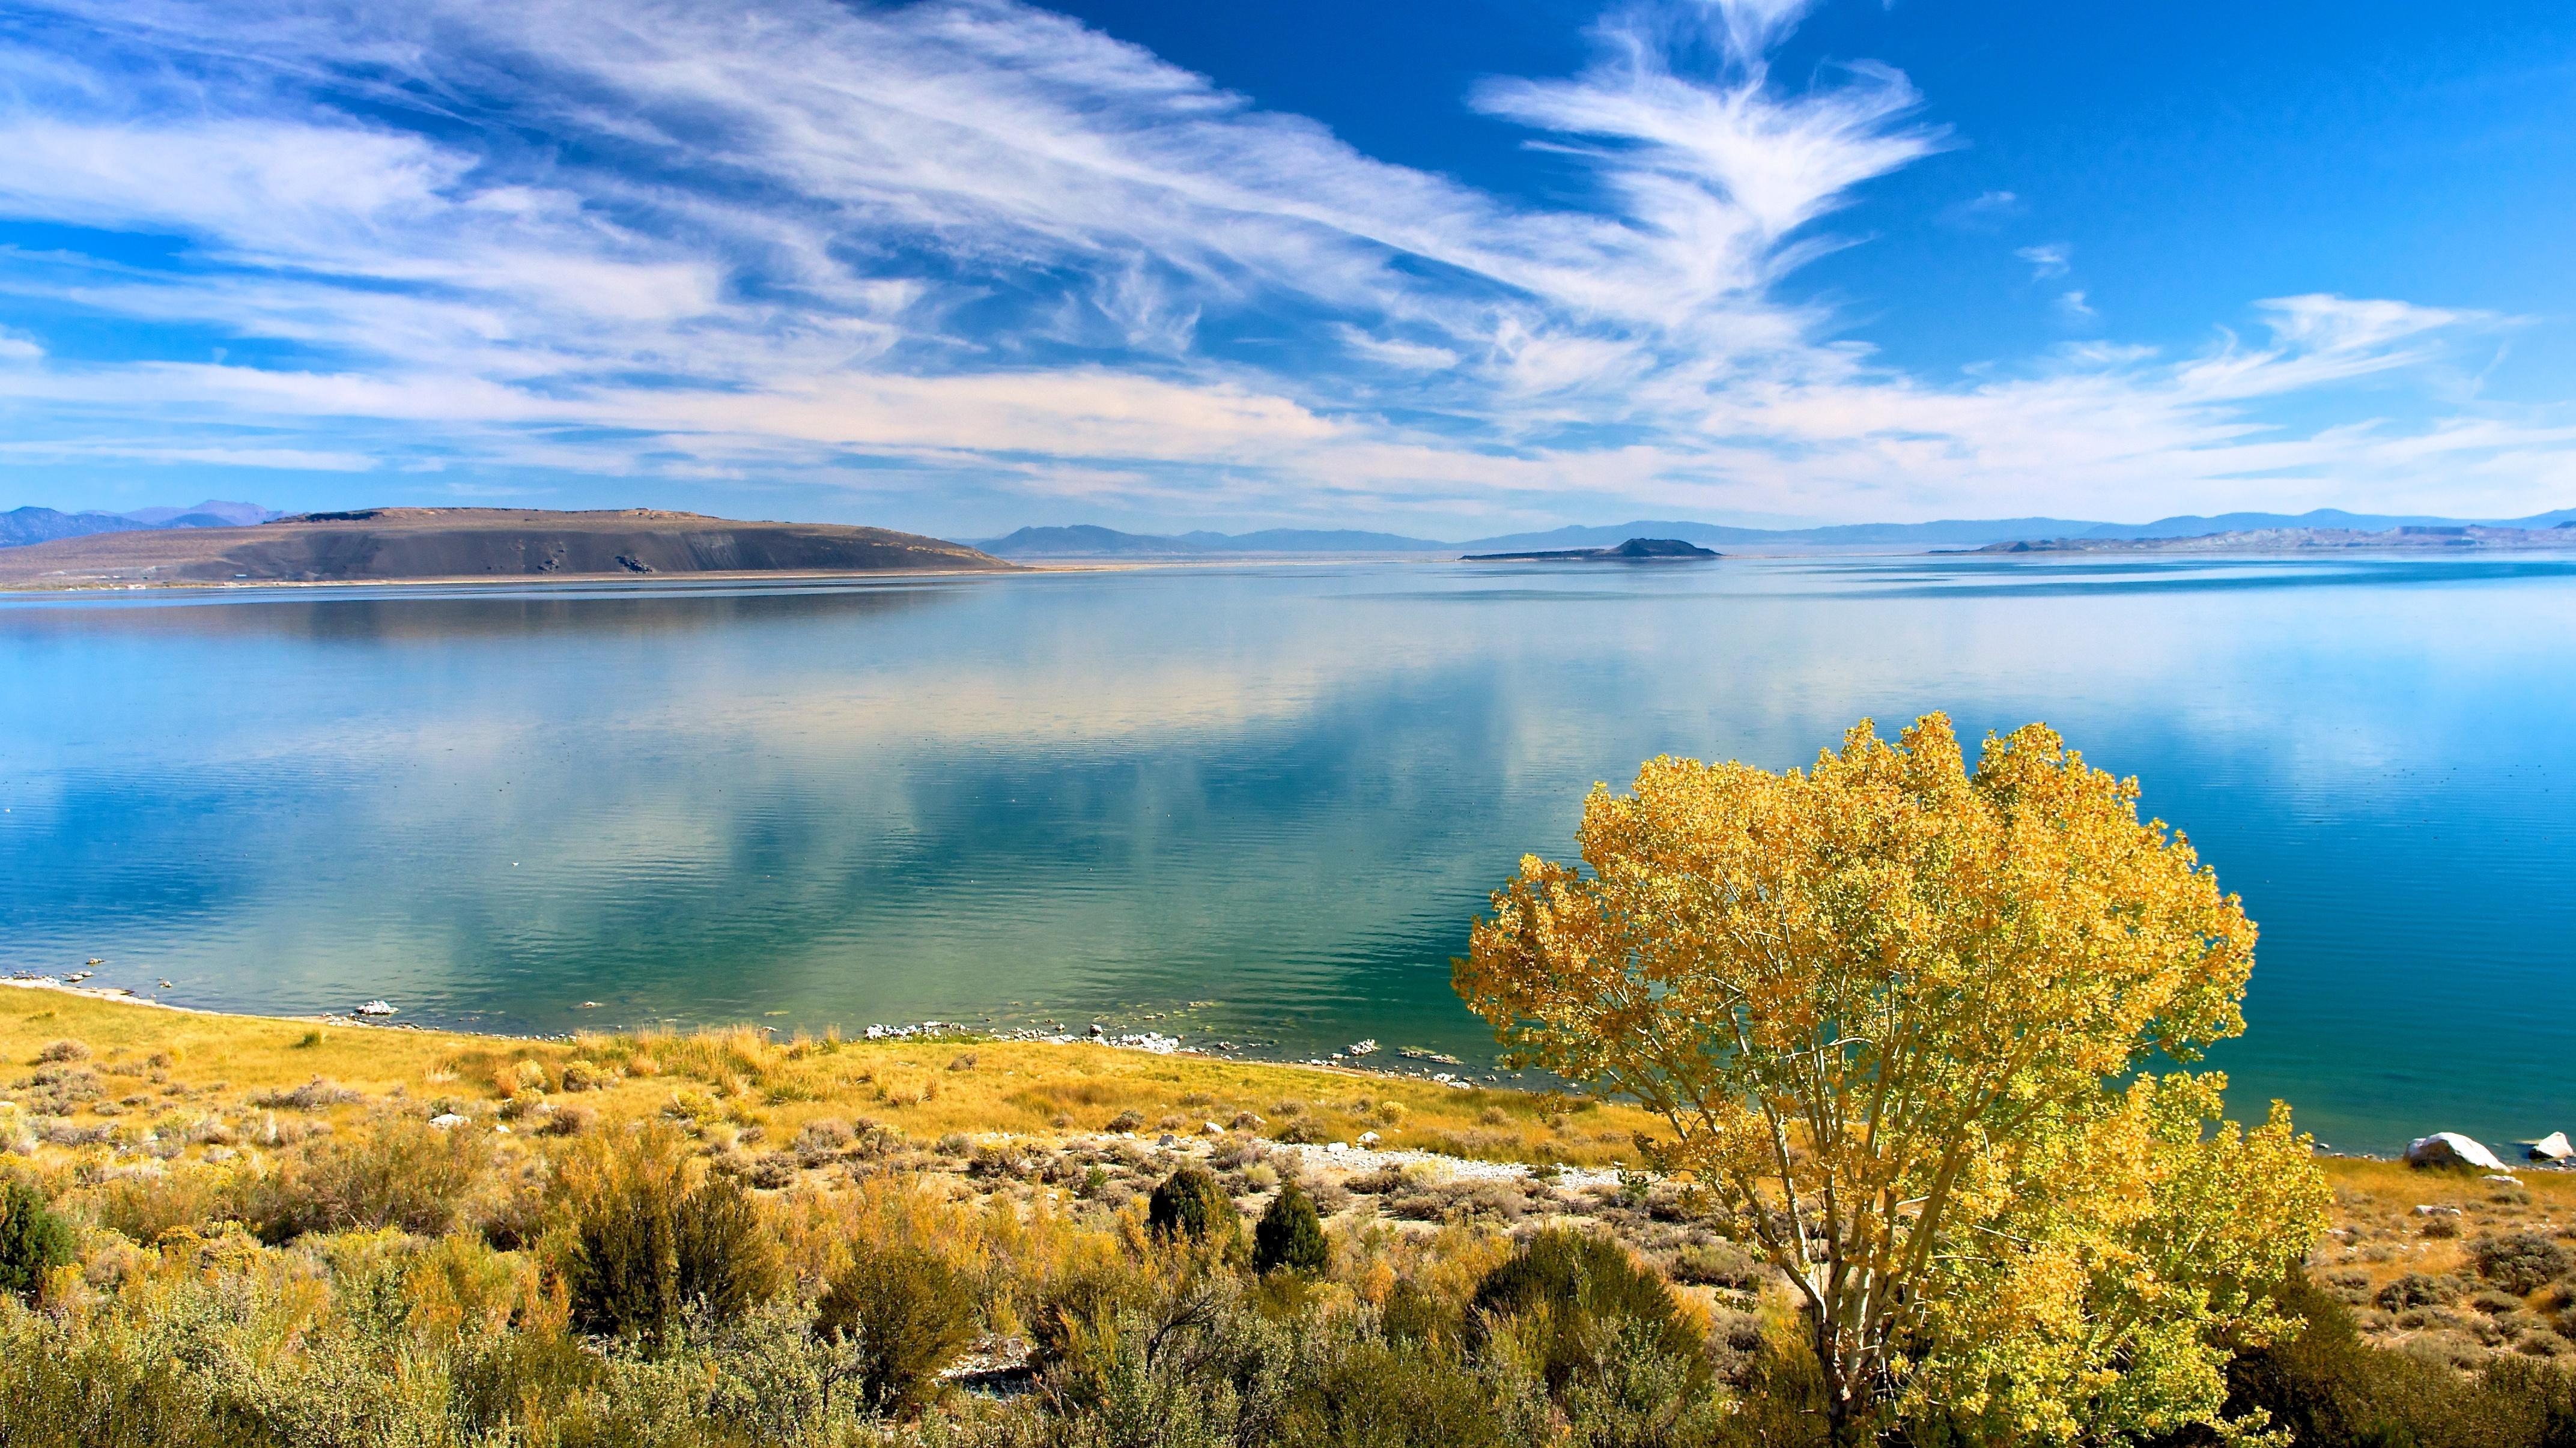 природа озеро деревья небо оссень  № 2535961 бесплатно